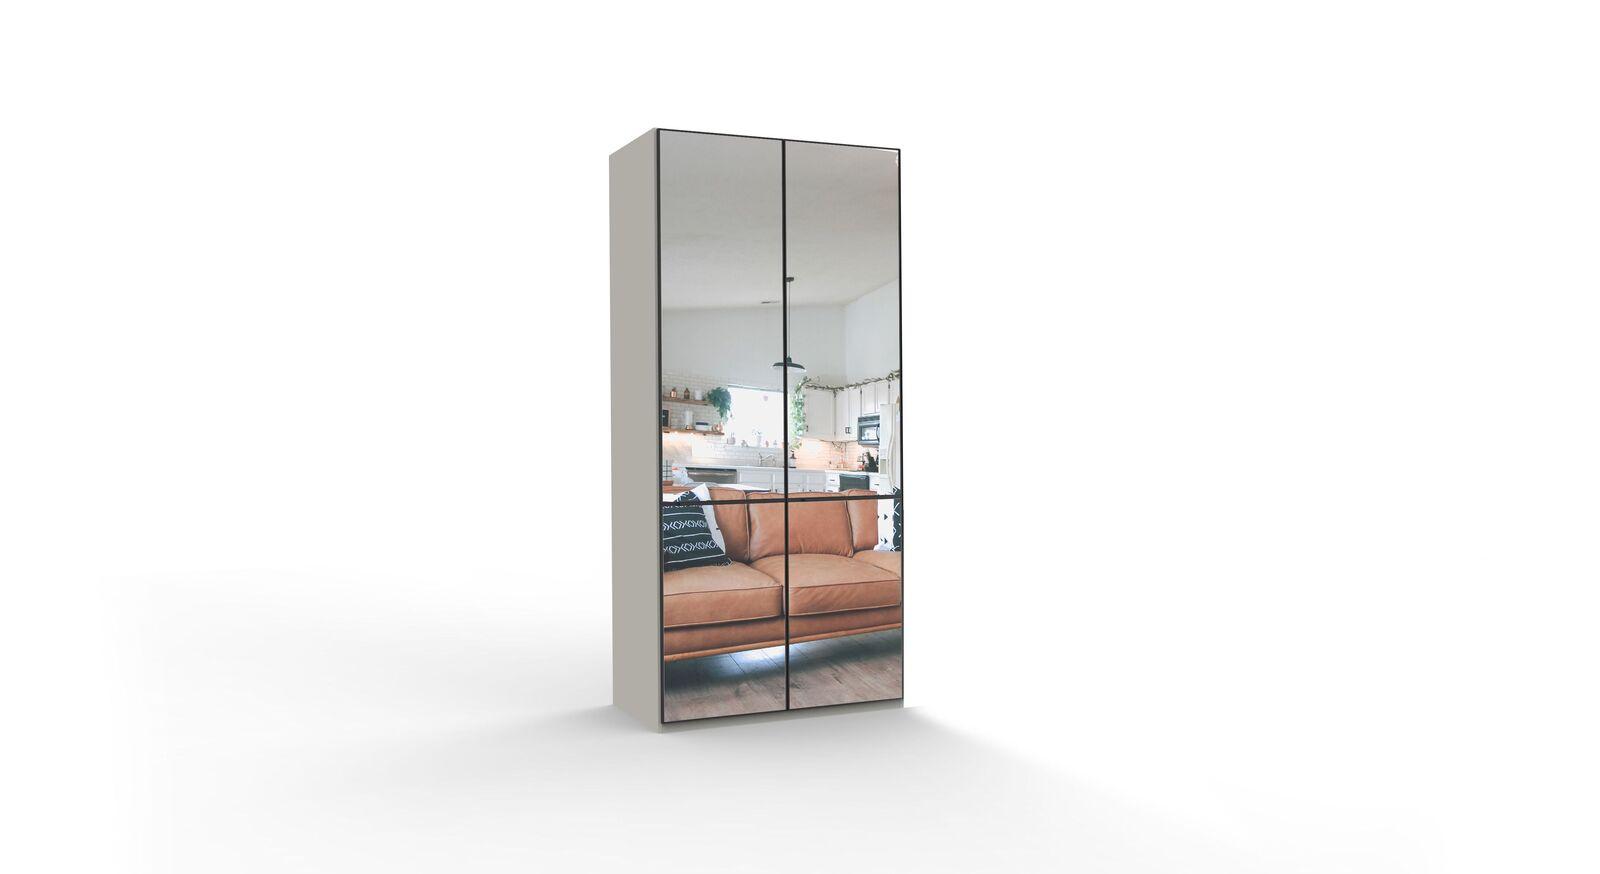 2-türiger Spiegel-Drehtüren-Kleiderschrank Loyd